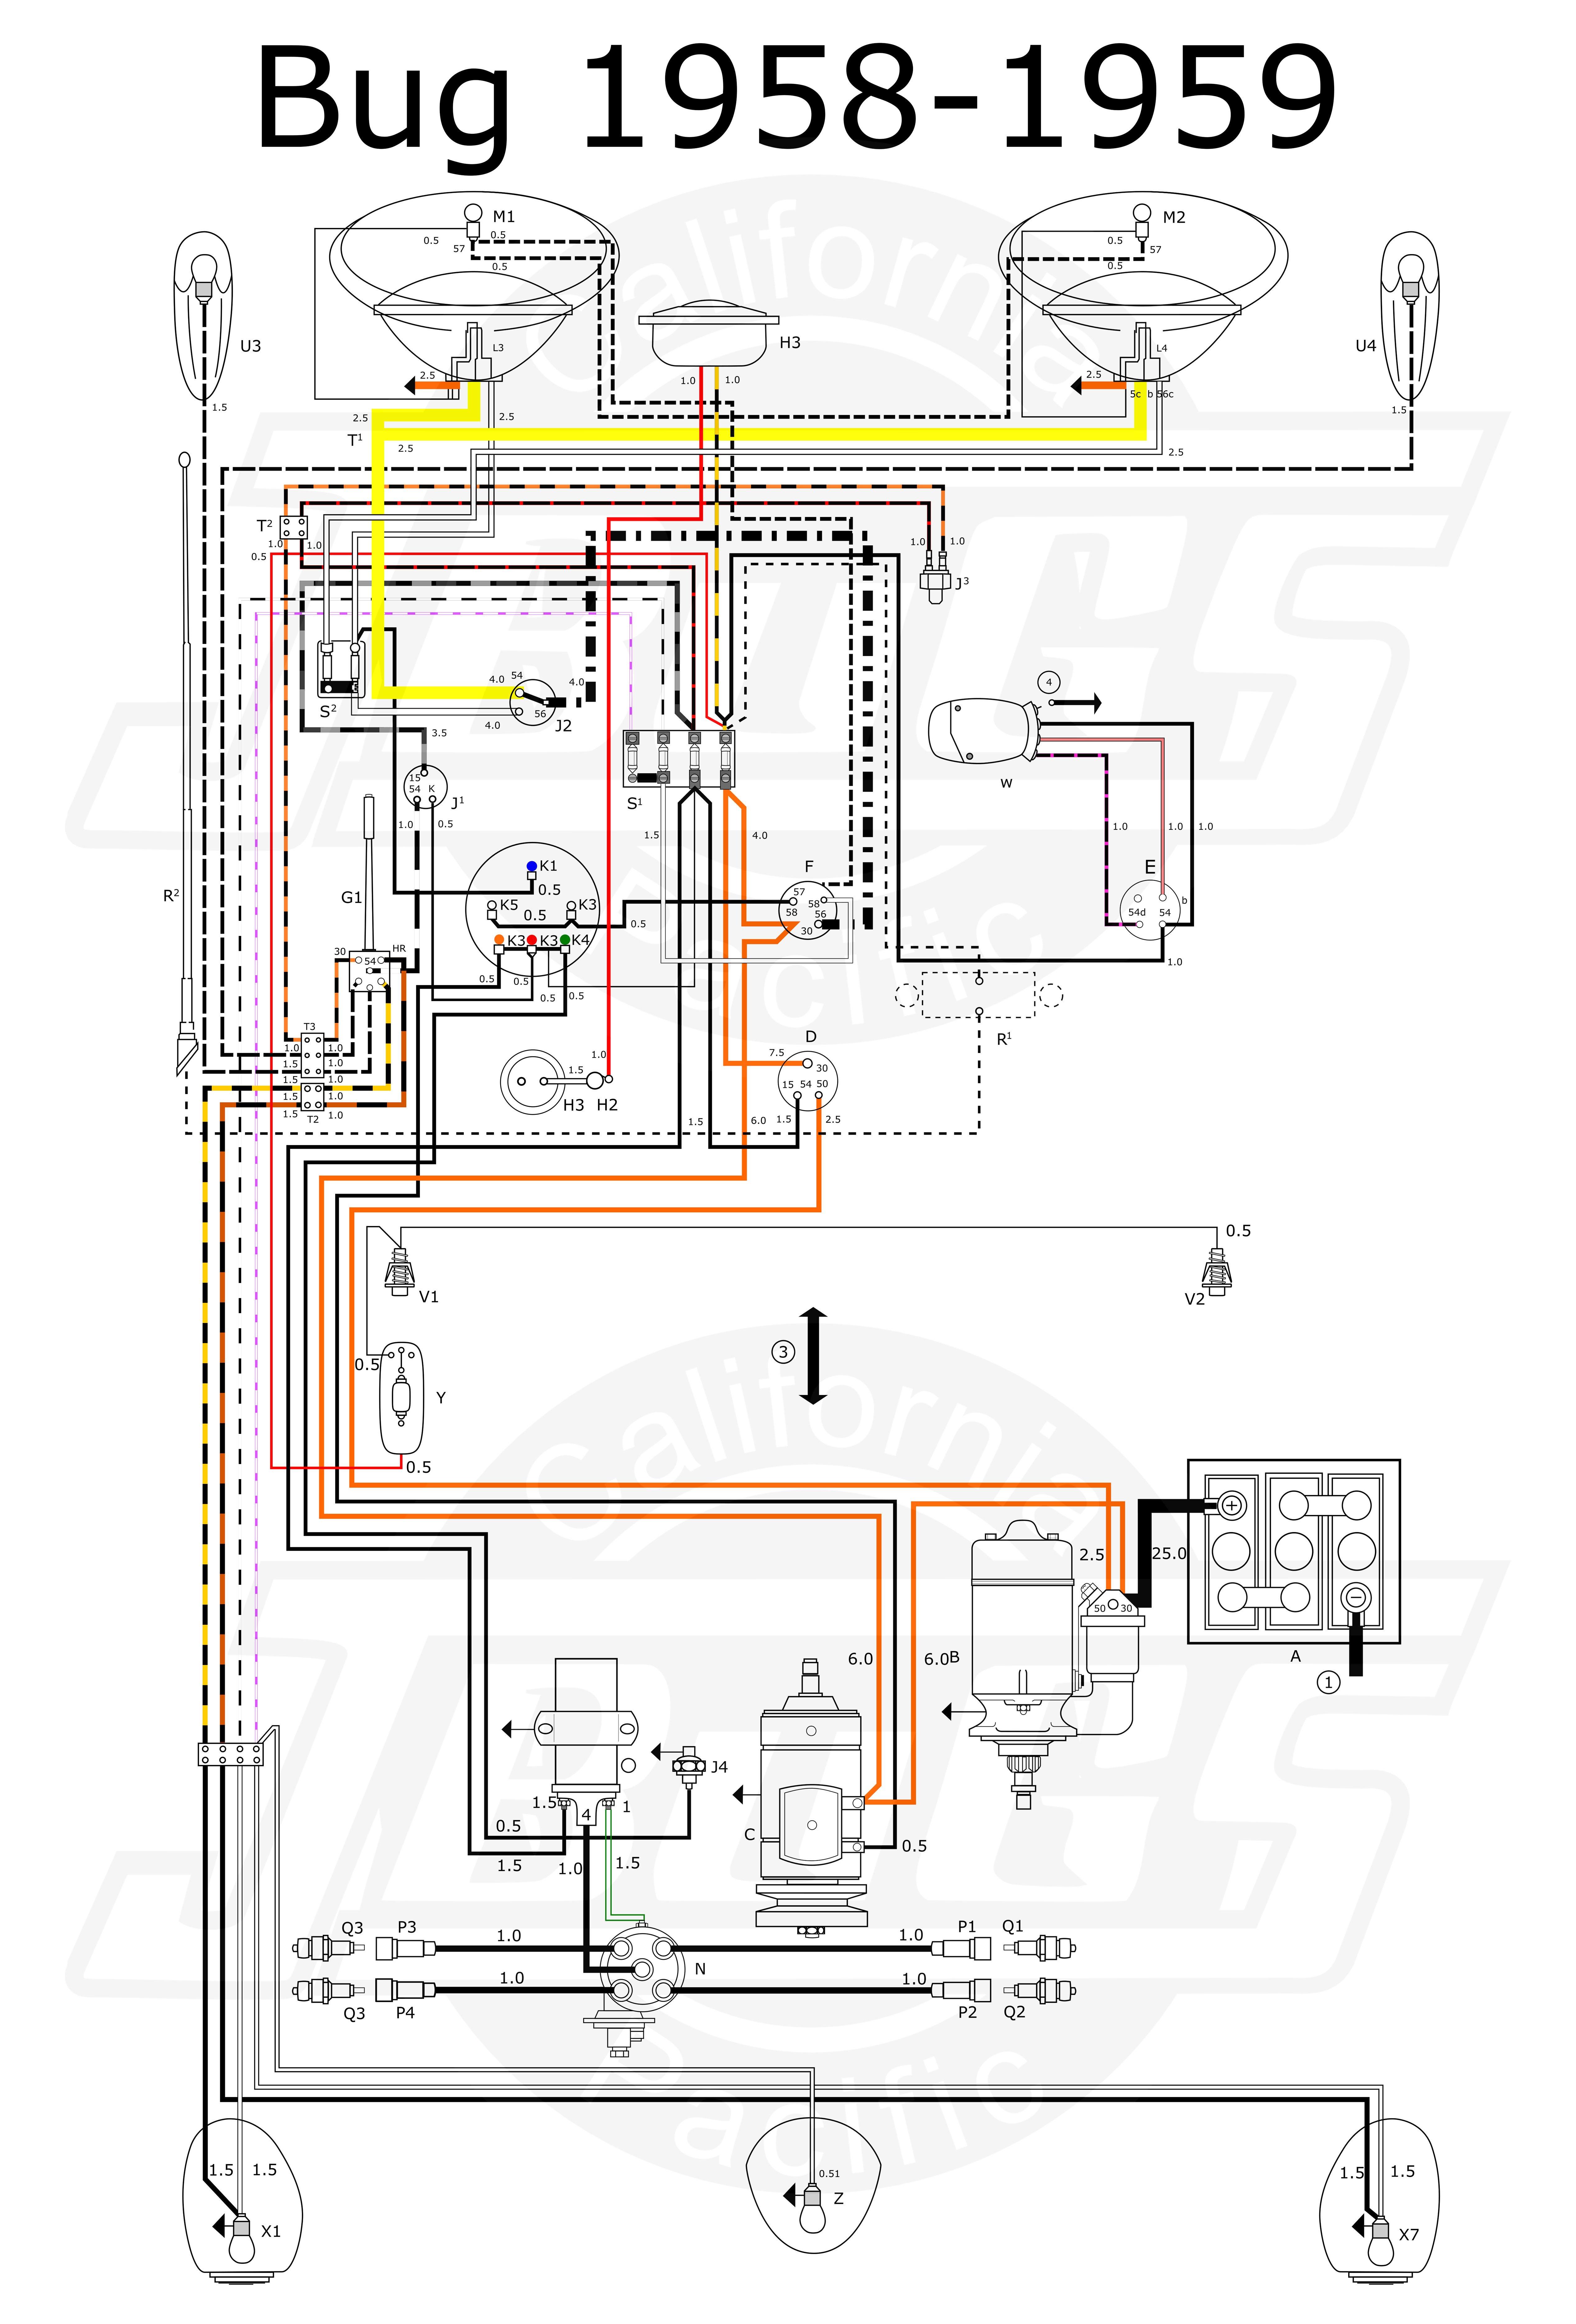 Cool Air Cooled Vw Fuel Gauge Wiring Diagram Wiring Library Wiring Cloud Hemtegremohammedshrineorg